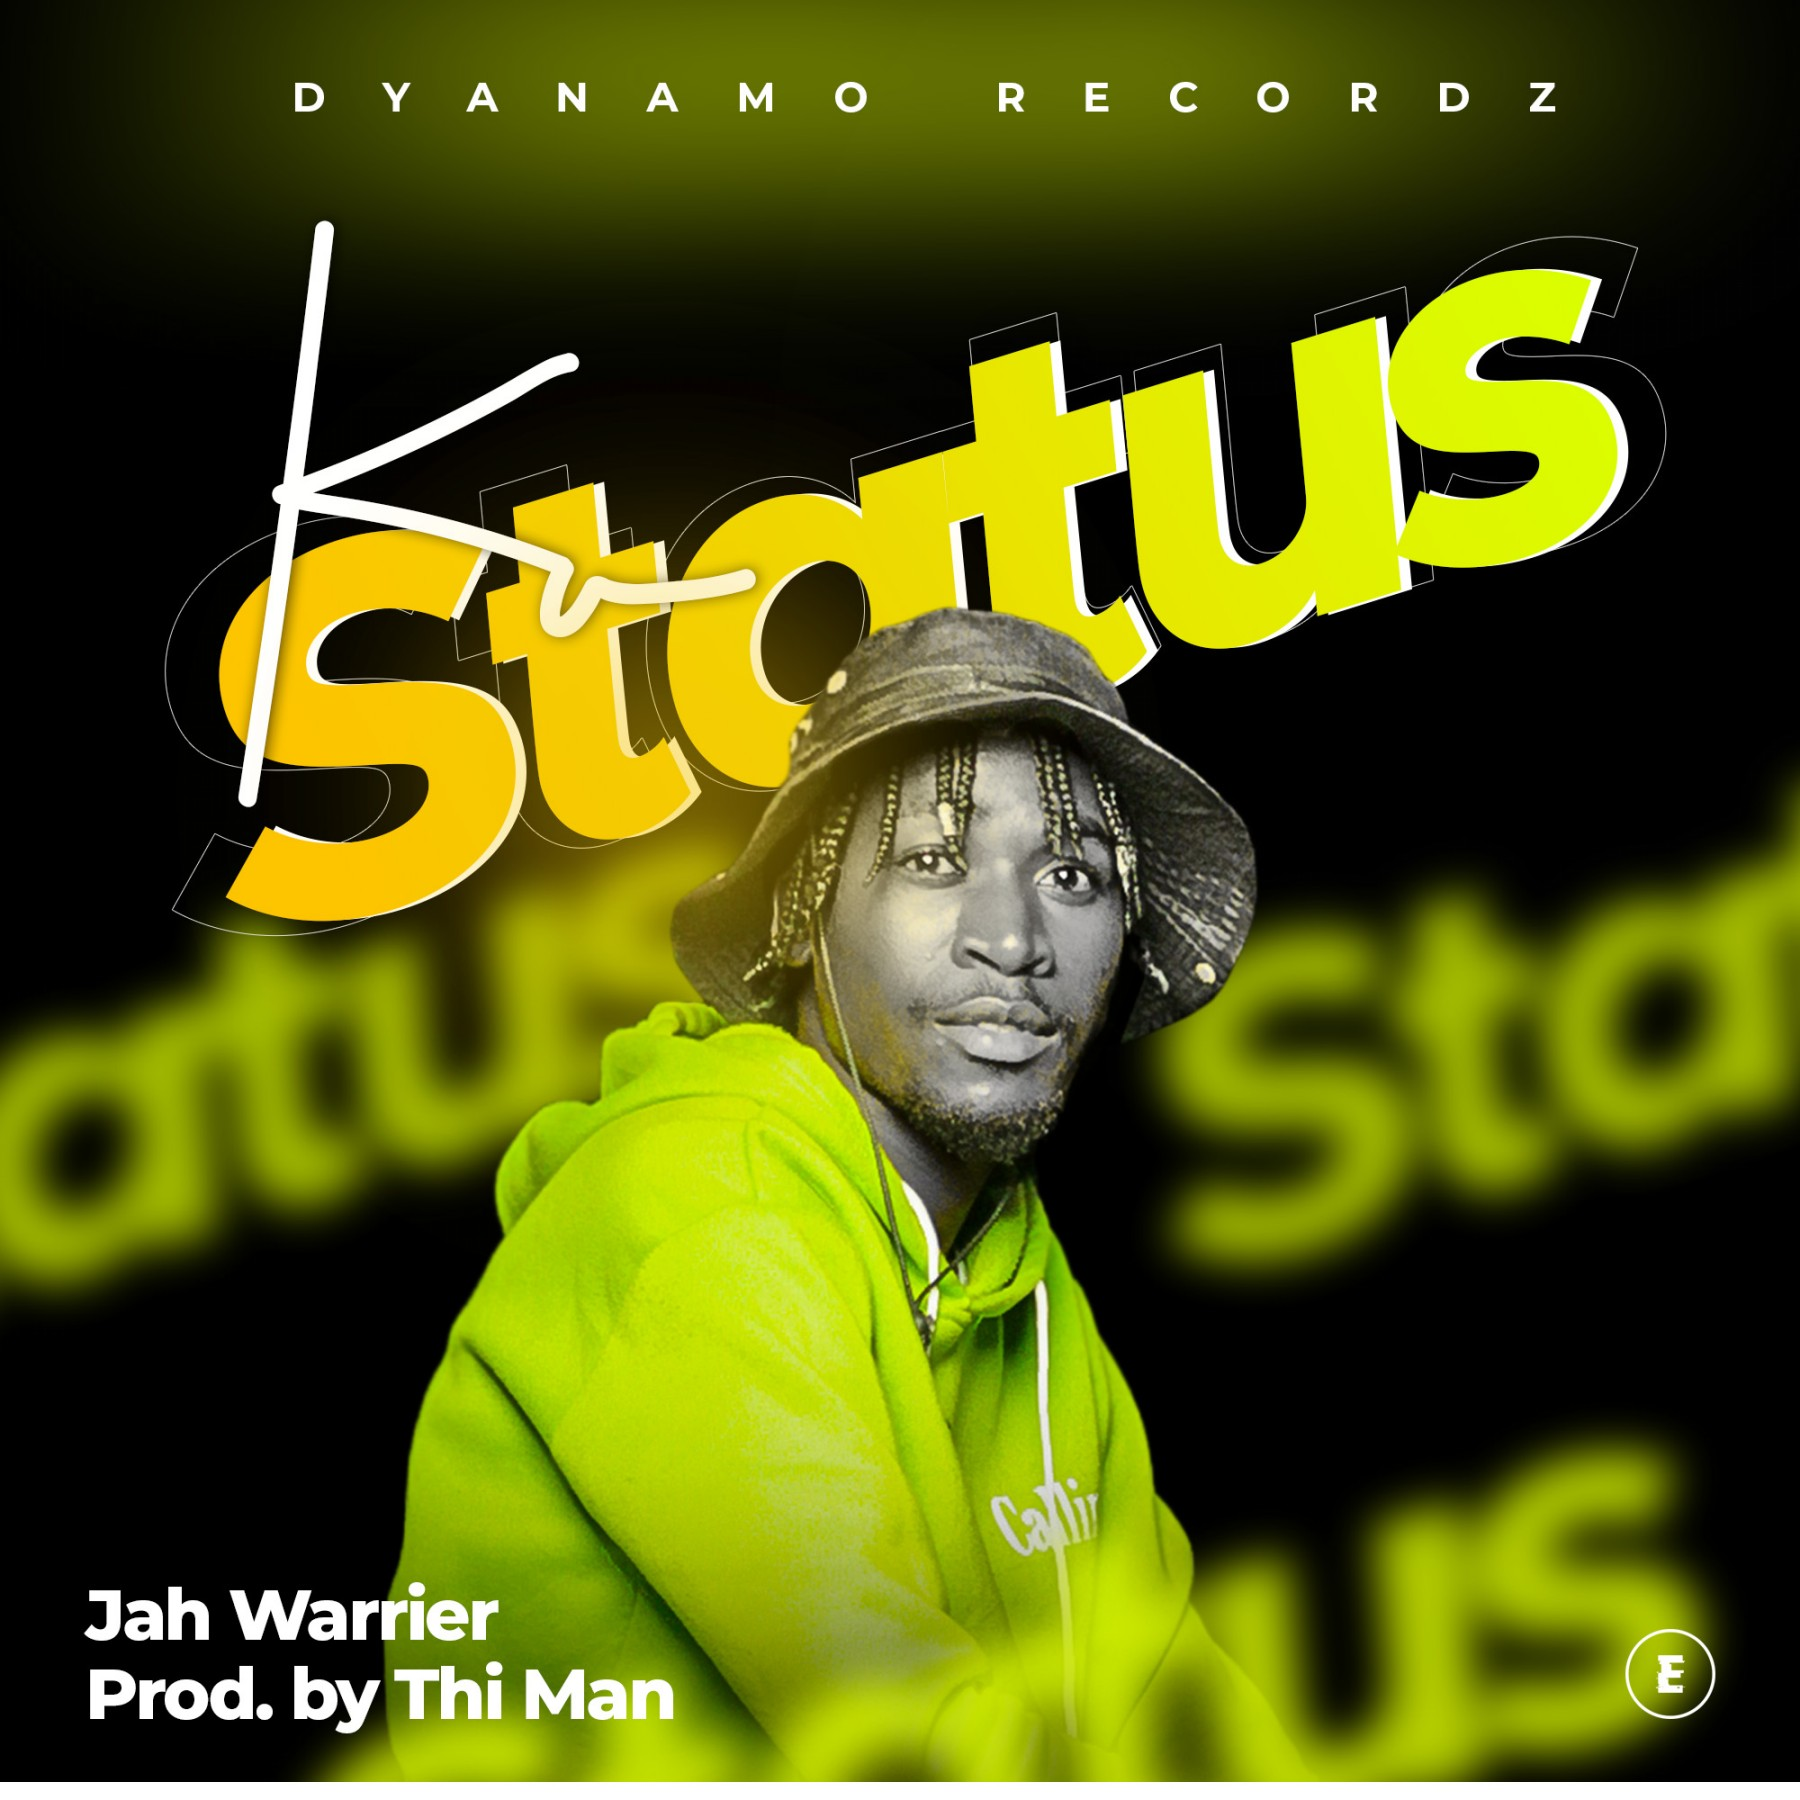 Jah-Warrior-Ku-Status-Prod-by-Dynamo